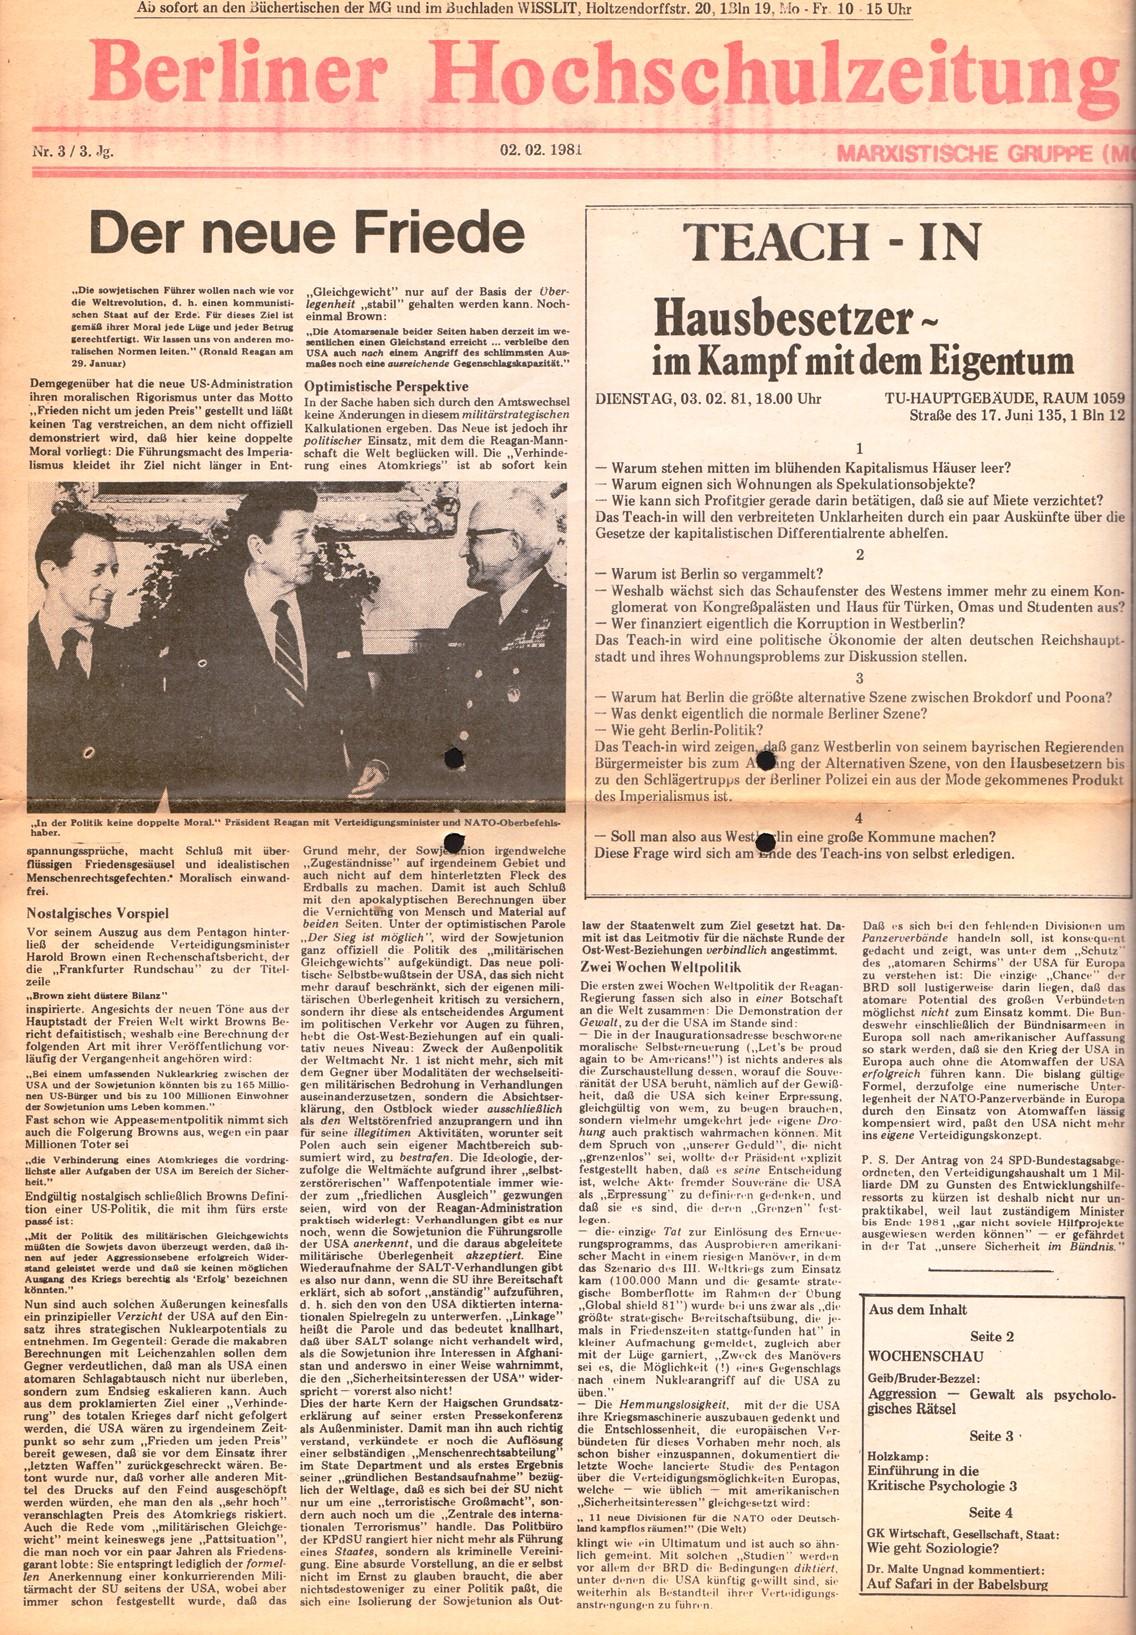 Berlin_MG_Hochschulzeitung_19810202_01